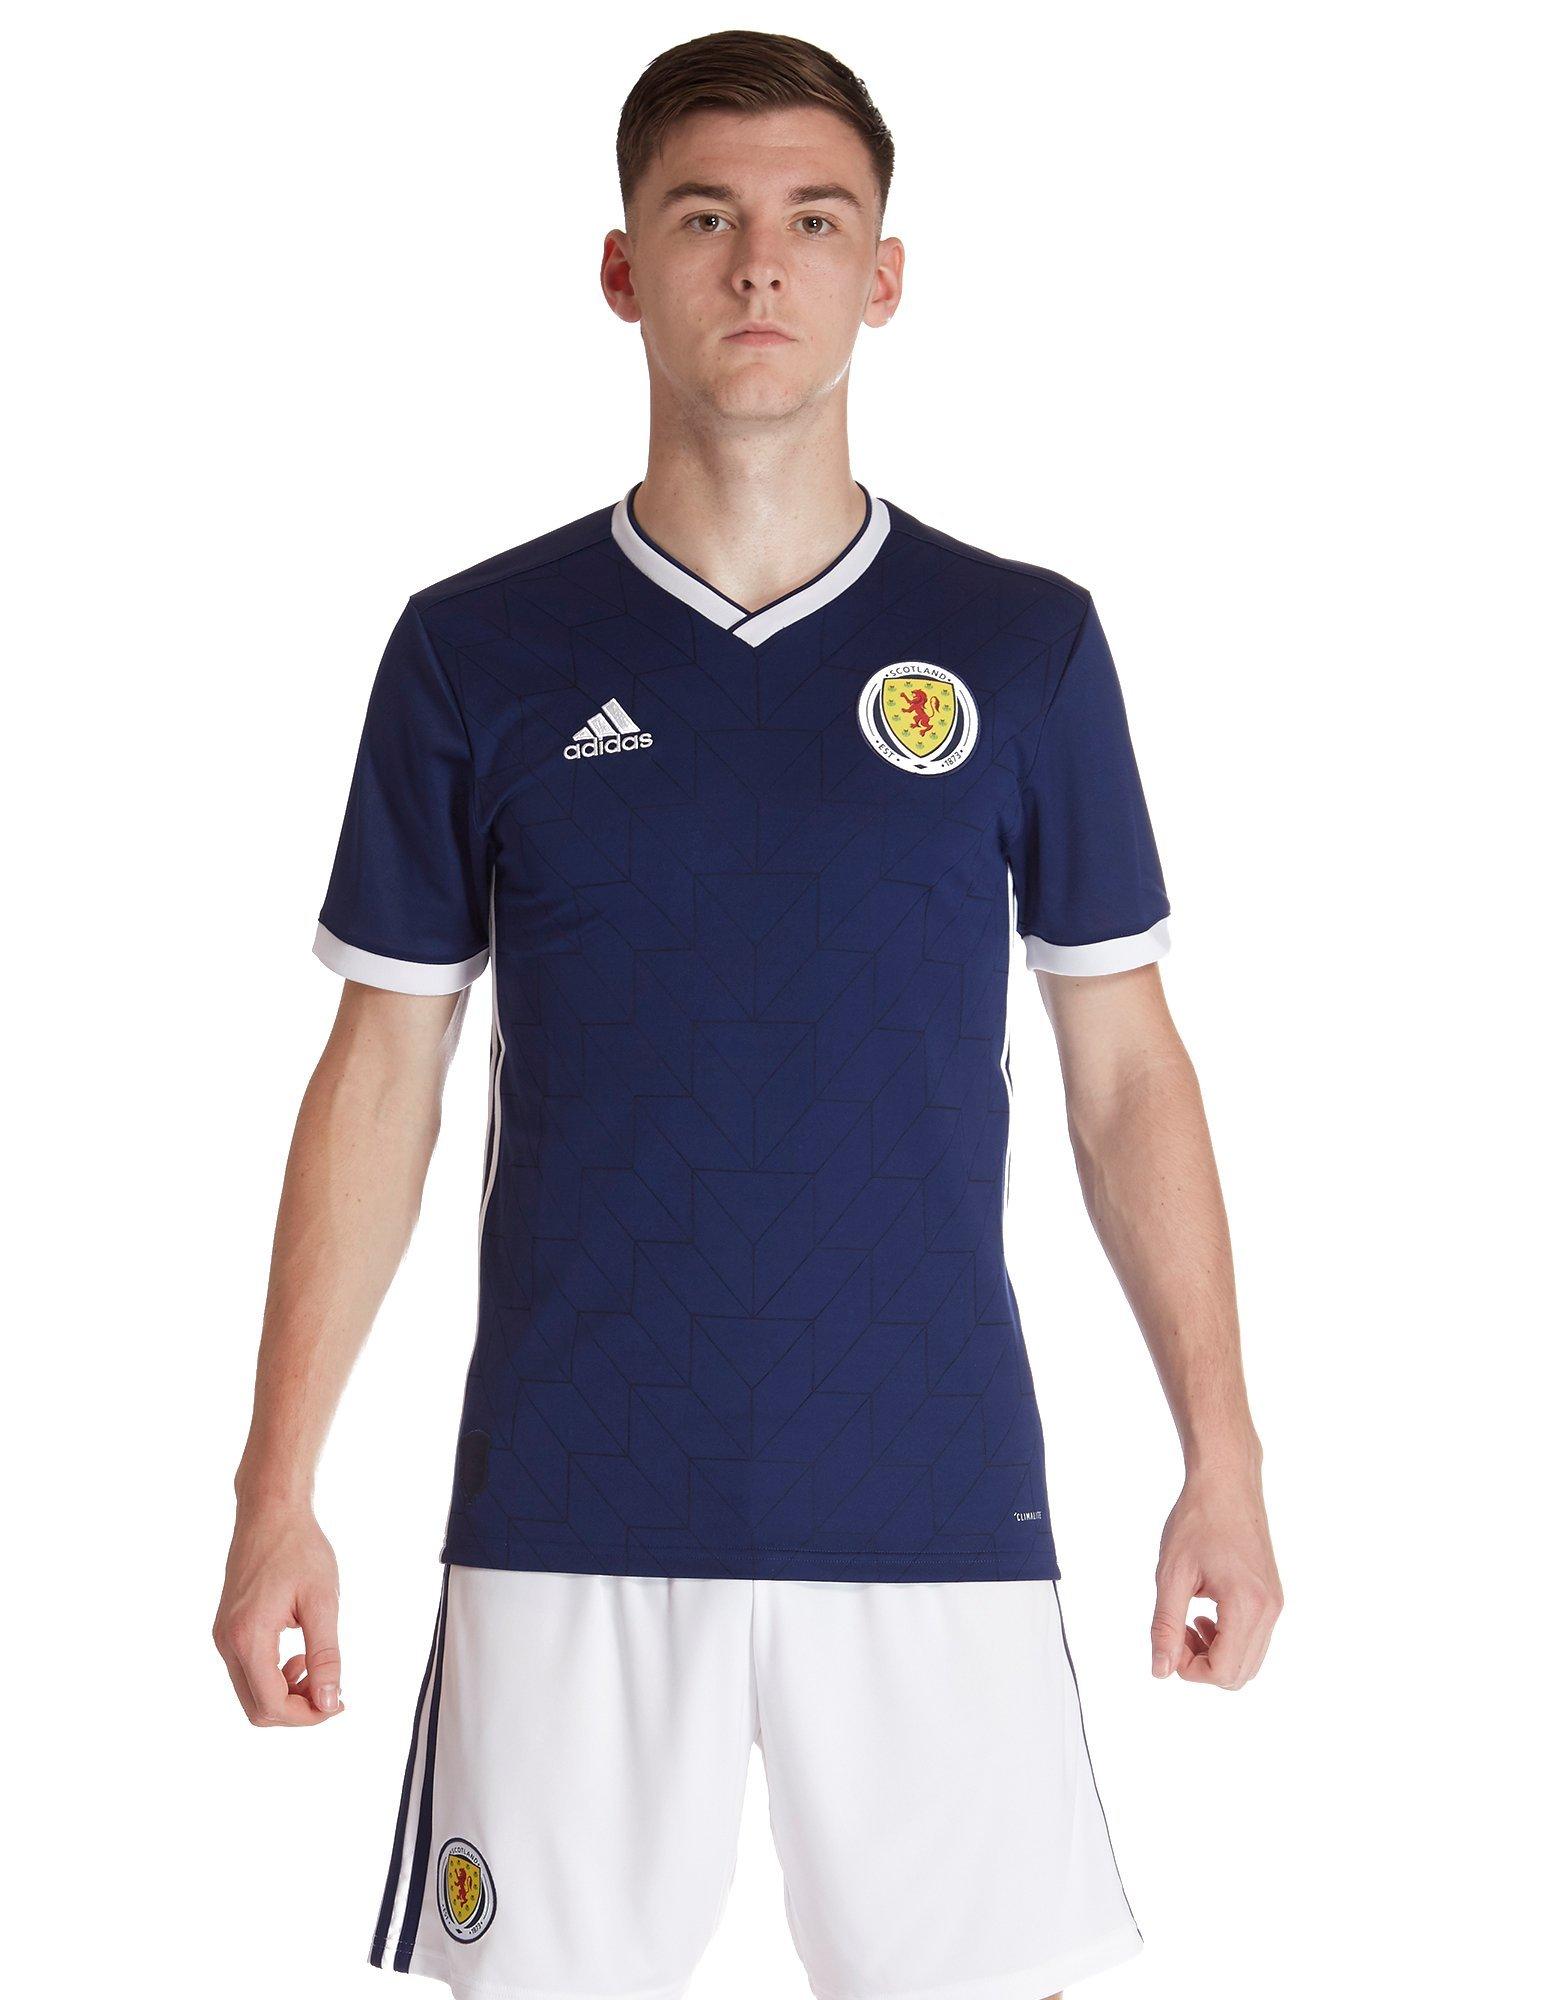 adidas Scotland 2018/19 Home Shirt